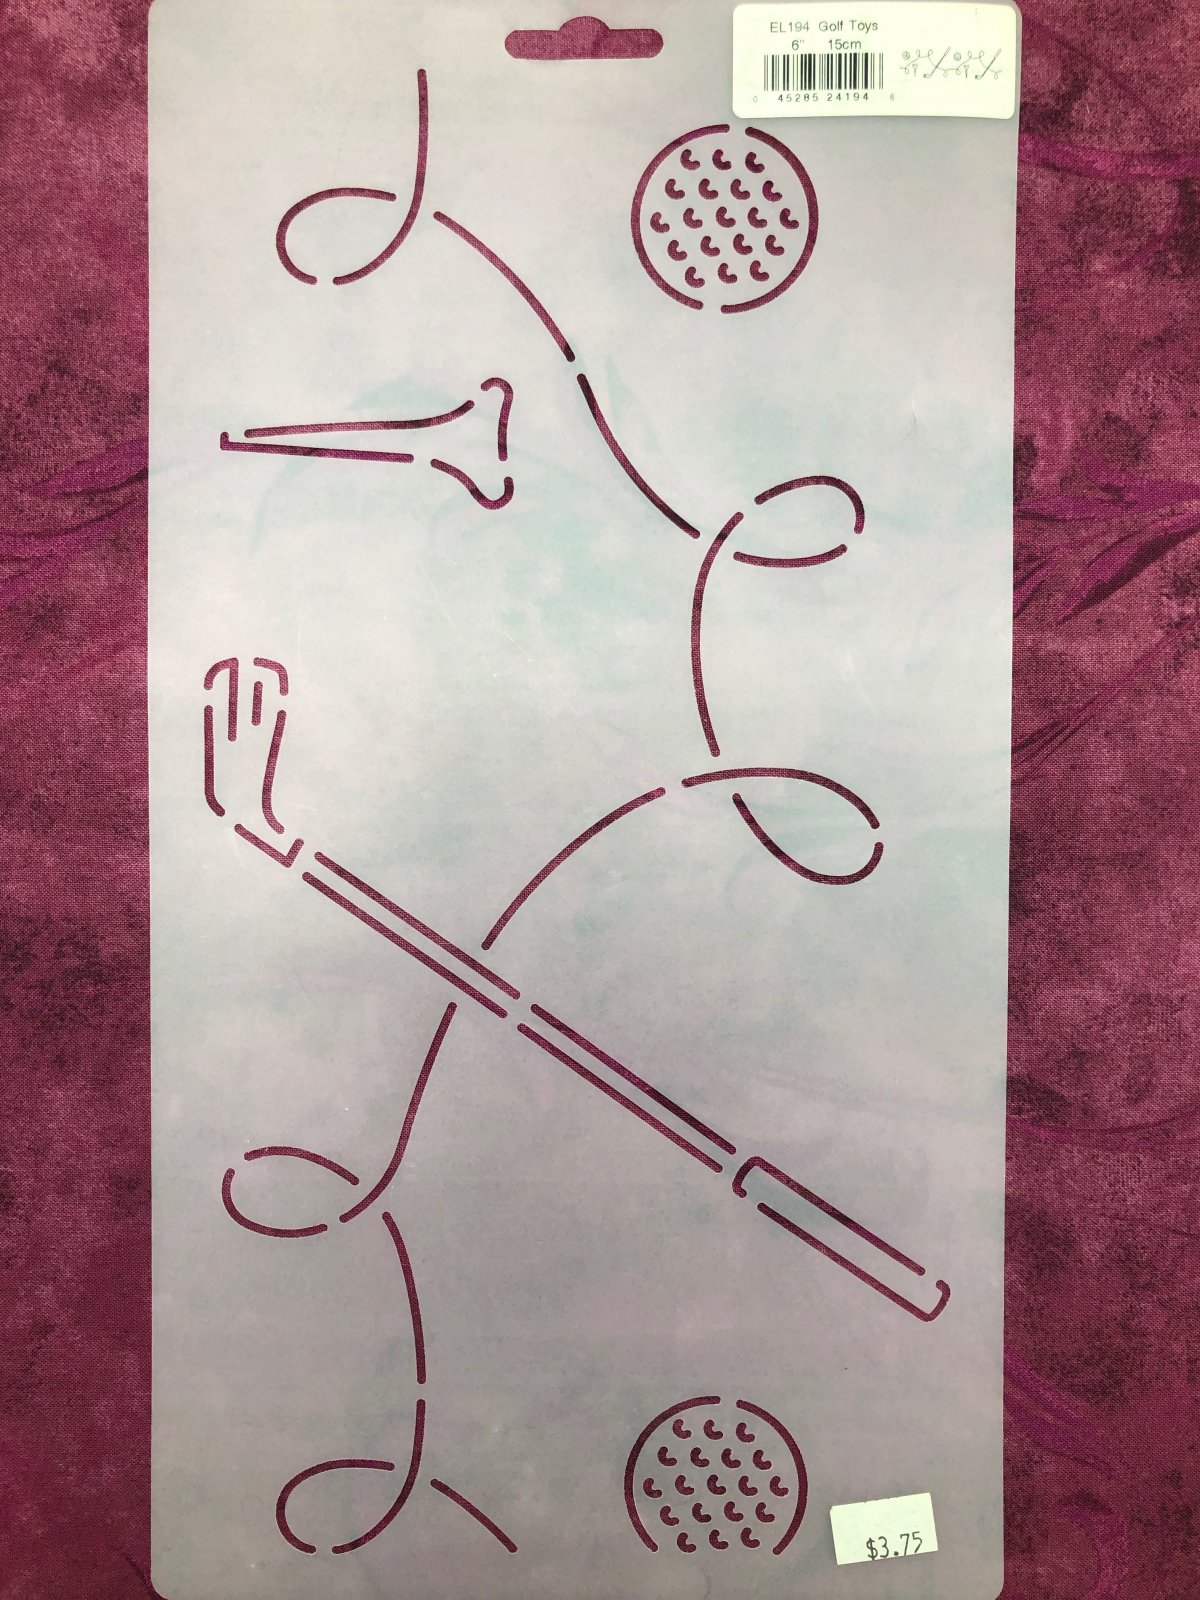 EL194 Golf Toys 6 Inch Stencil